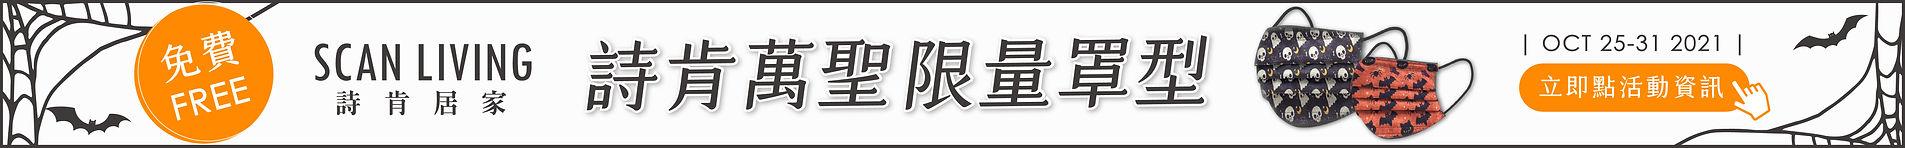 居家官網尺寸_BN.jpg